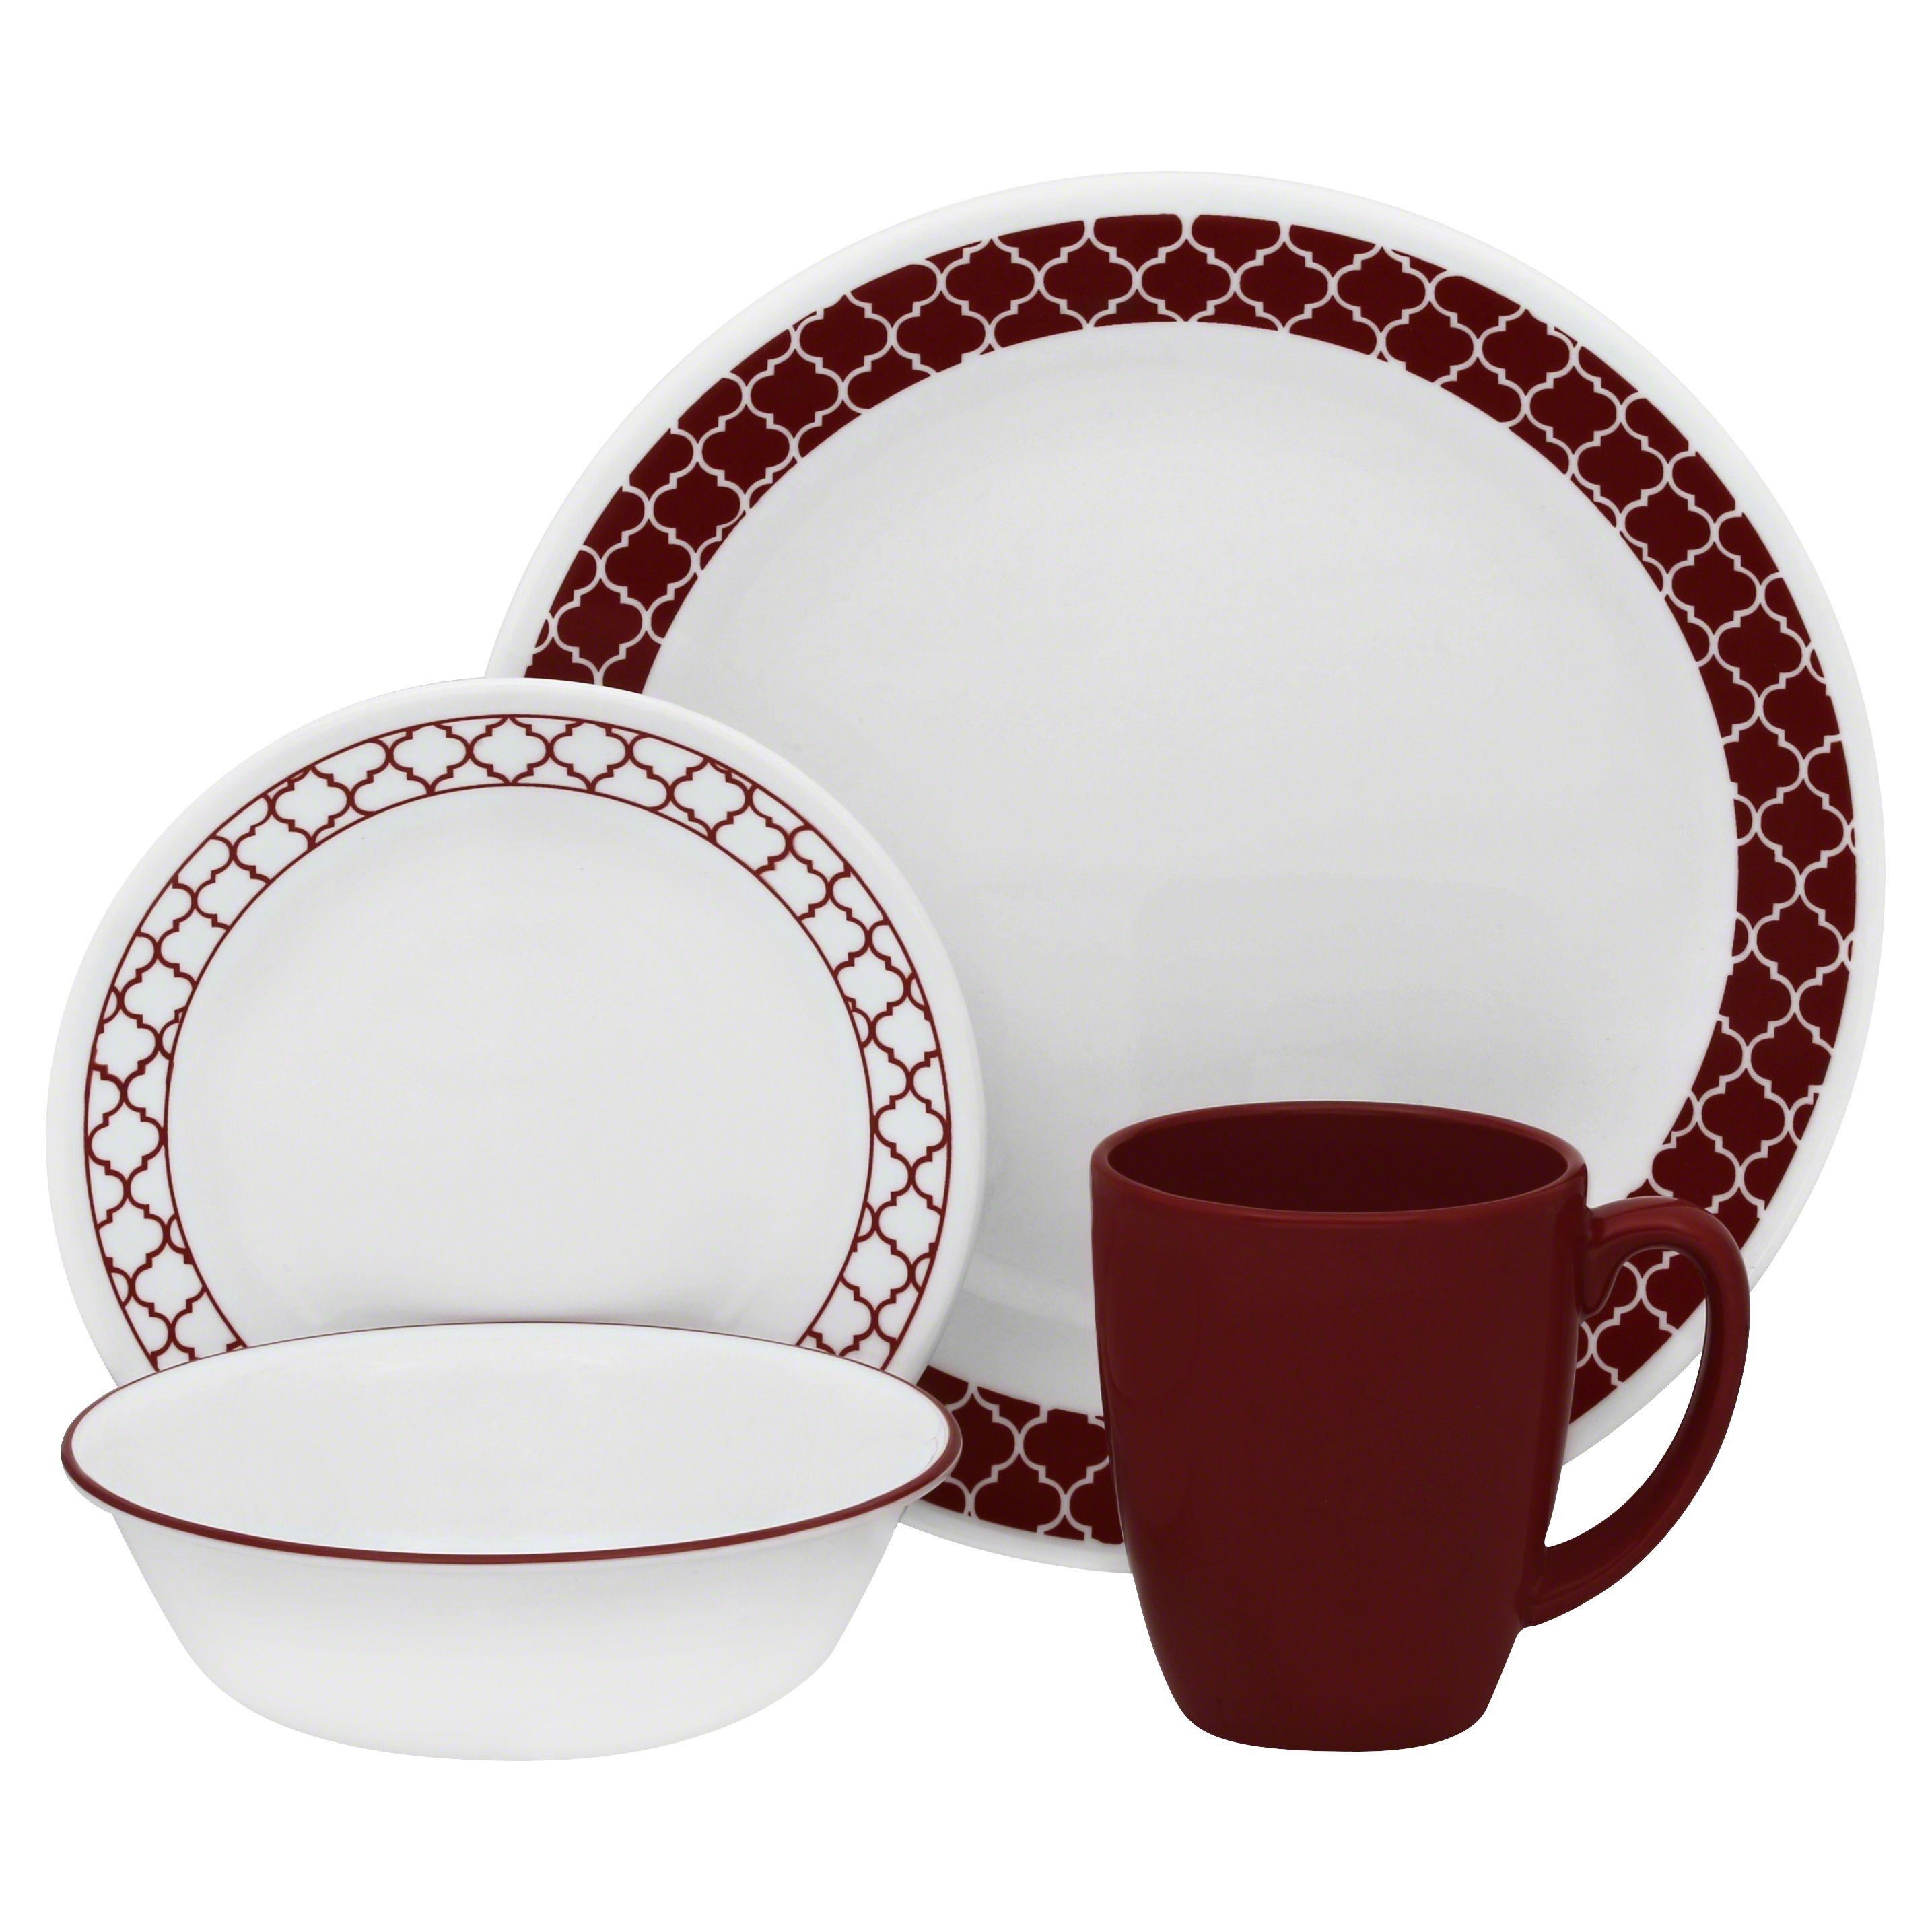 Disposable Tableware 上 岱毅 陳 的釘圖